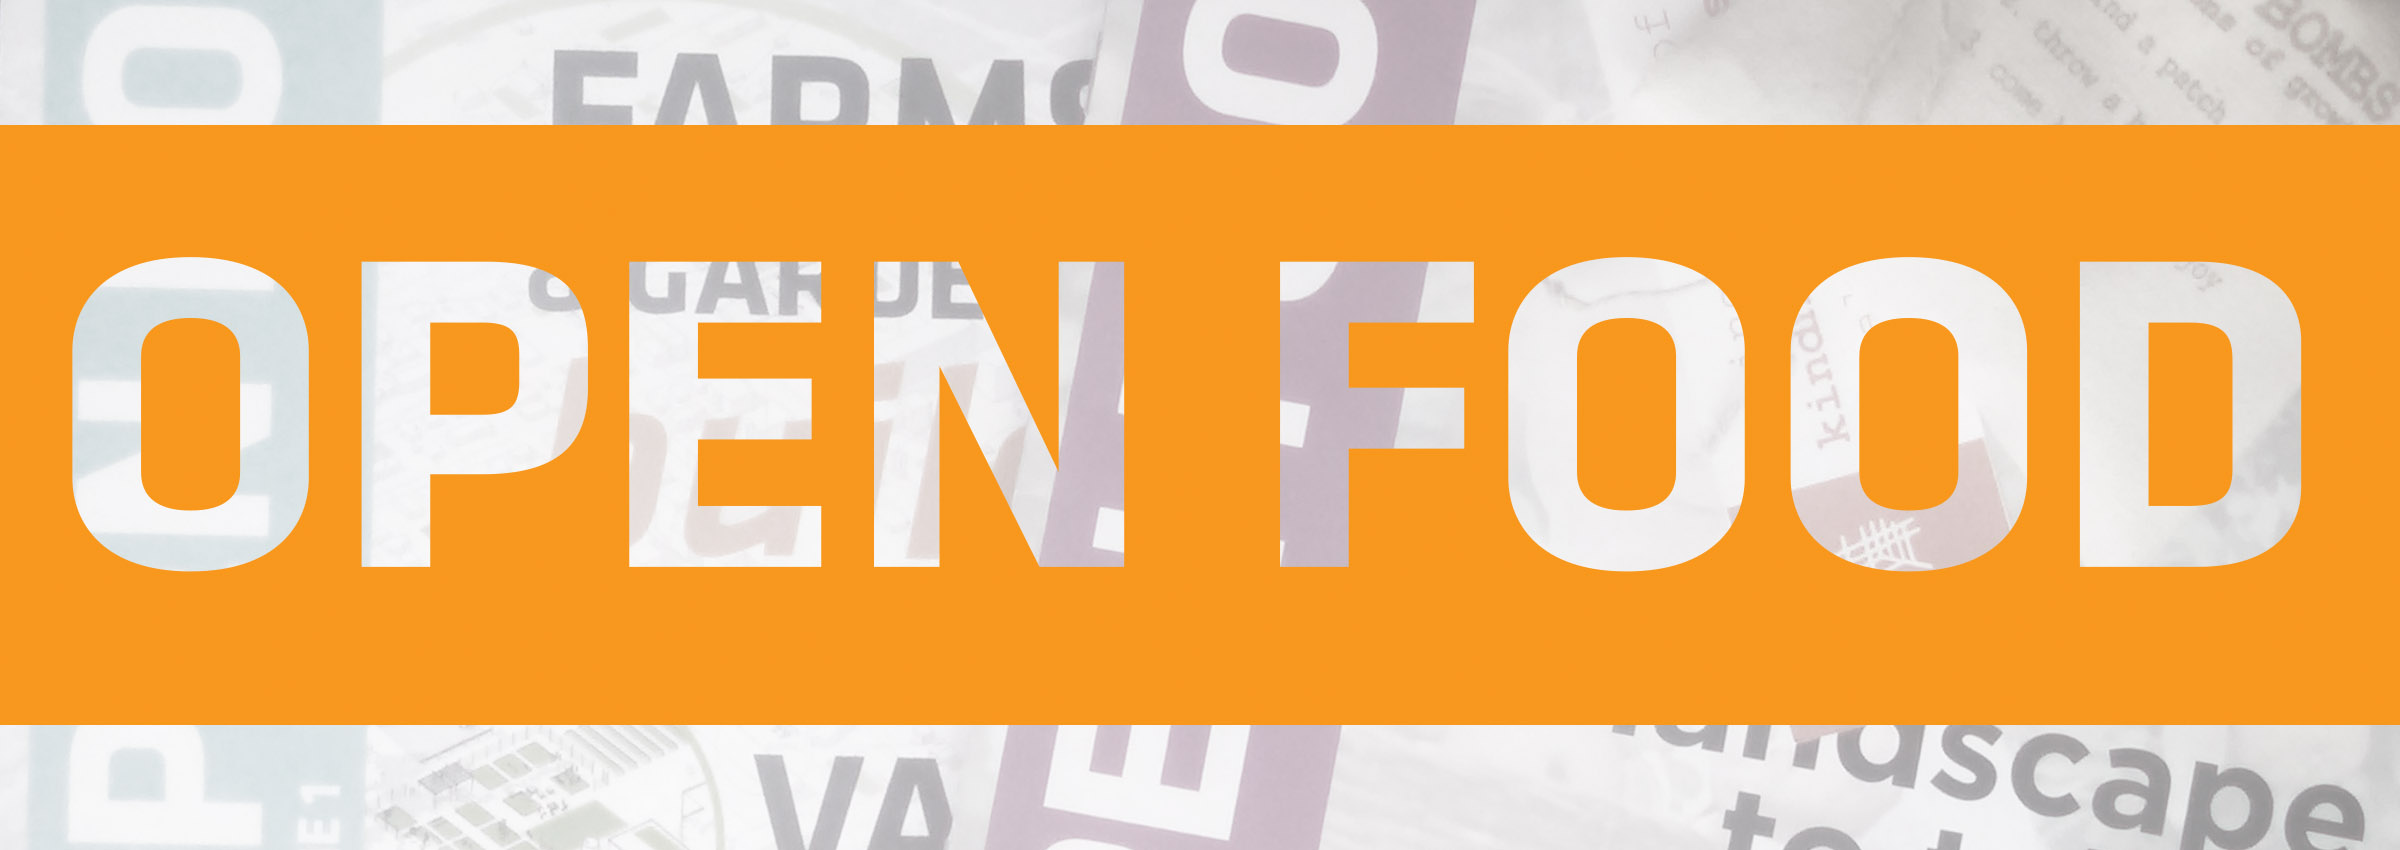 openfood_booklets.jpg